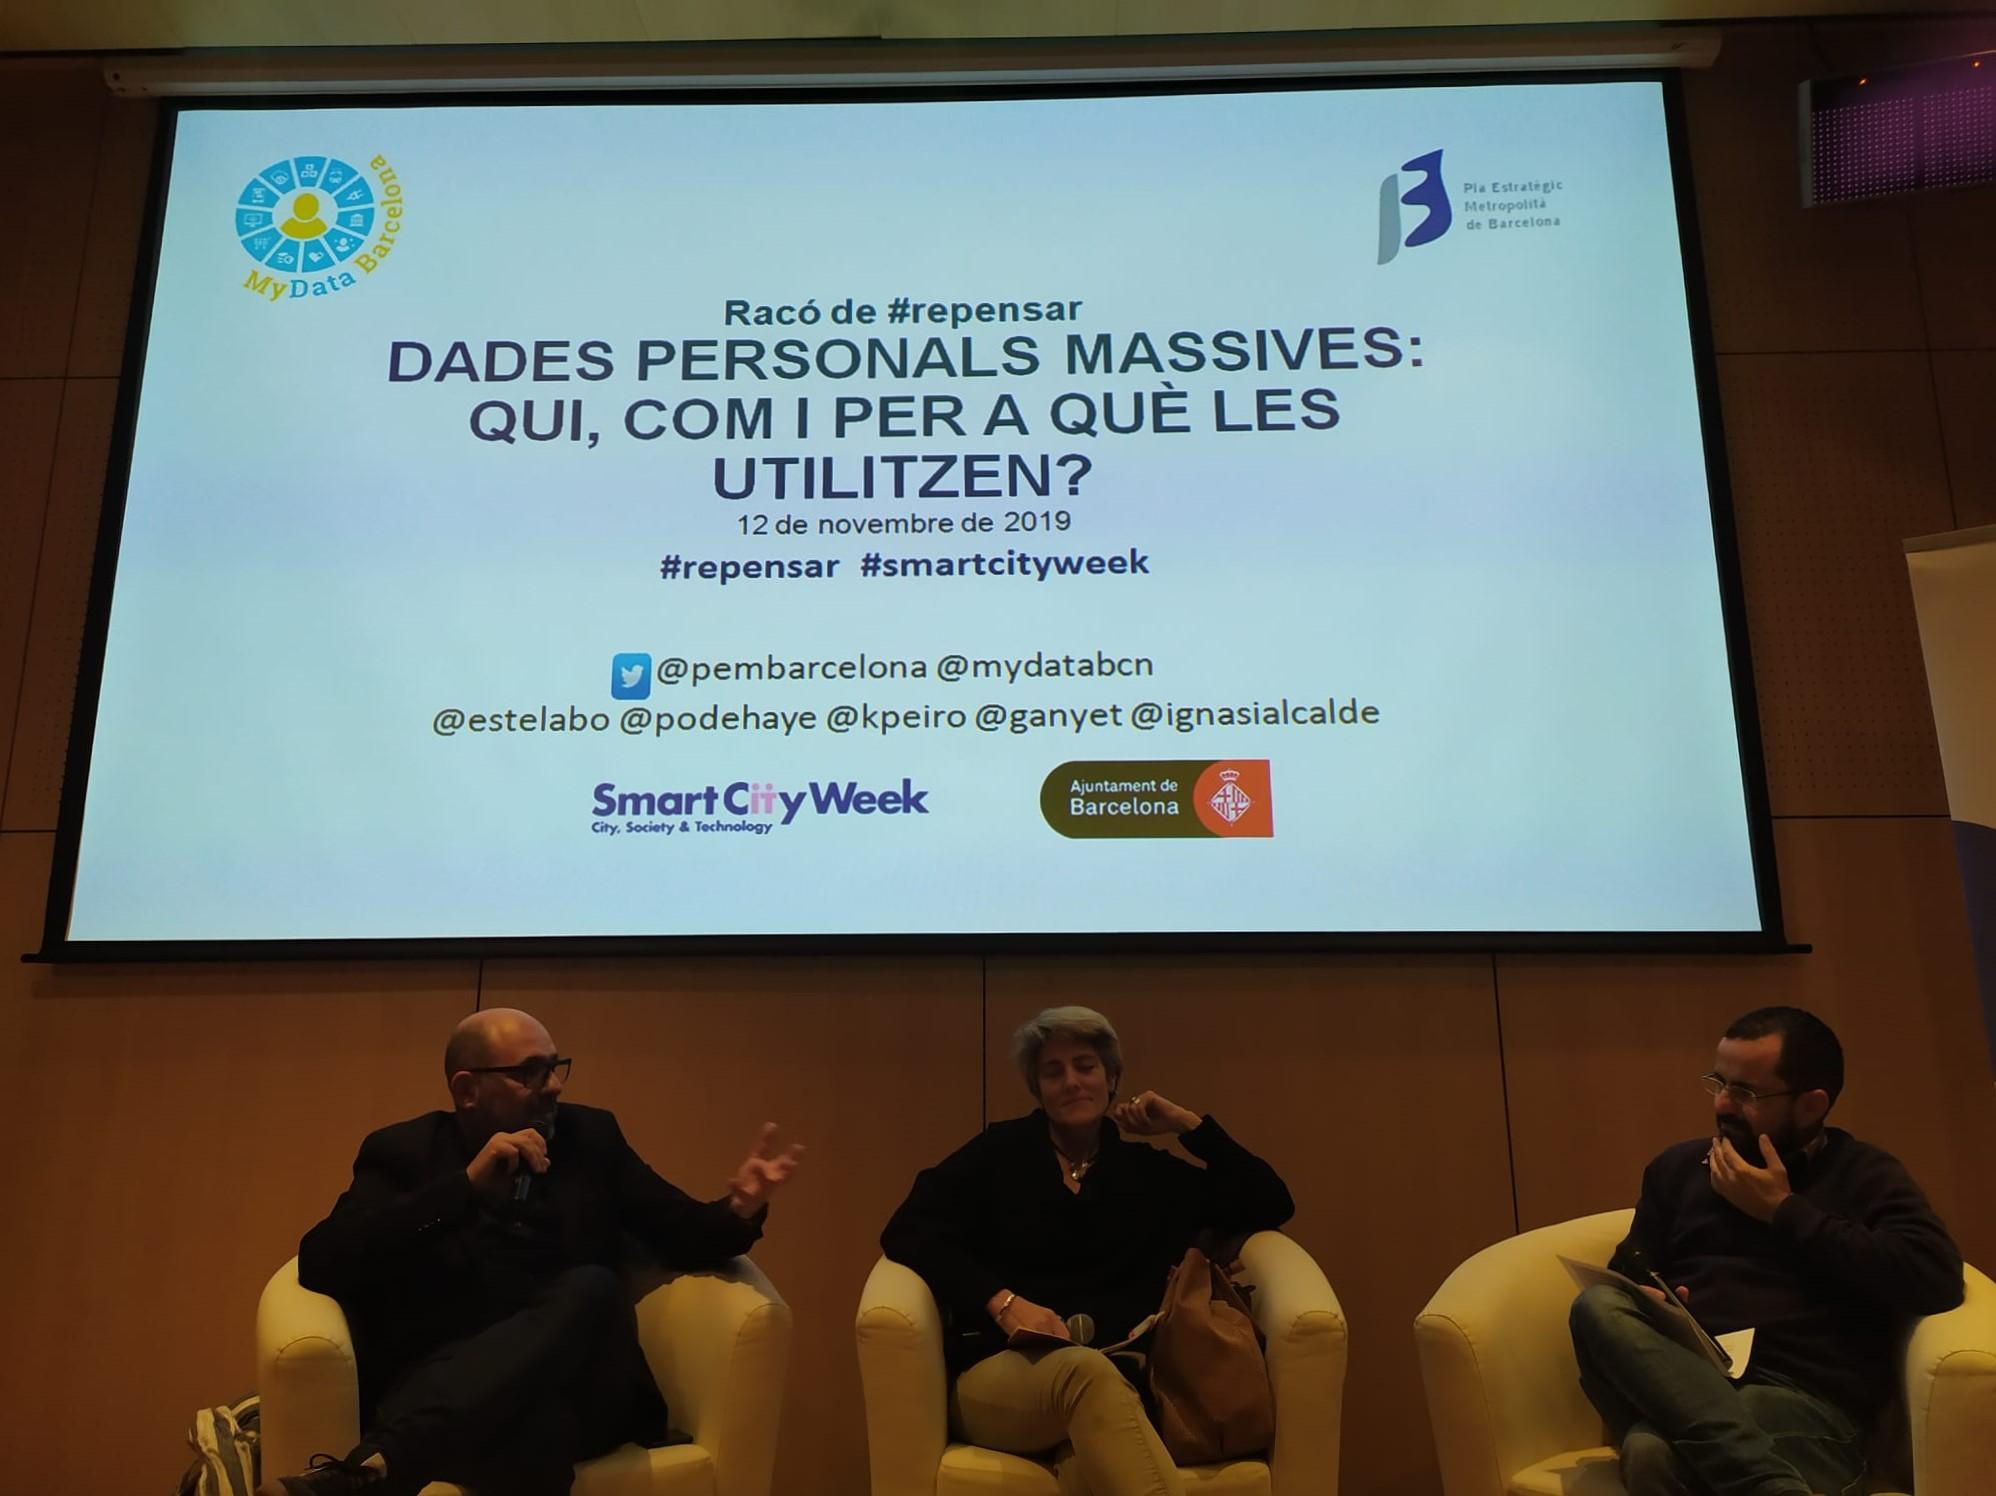 Josep Maria Ganyet, Karma Peiró i Ignasi Alcalde durant el debat